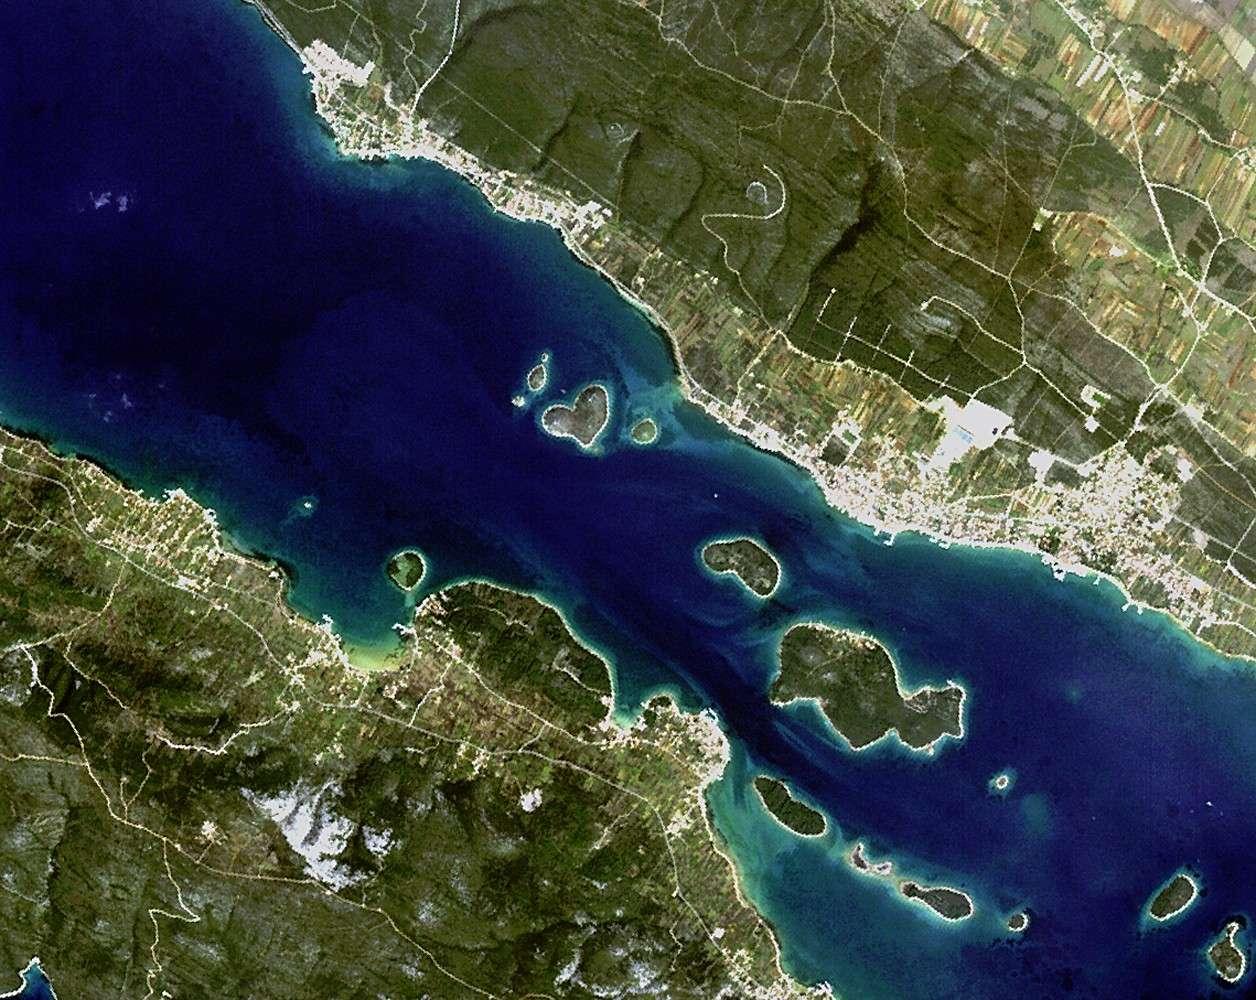 La petite île de Galešnjak en forme de cœur. © JAXA/Esa